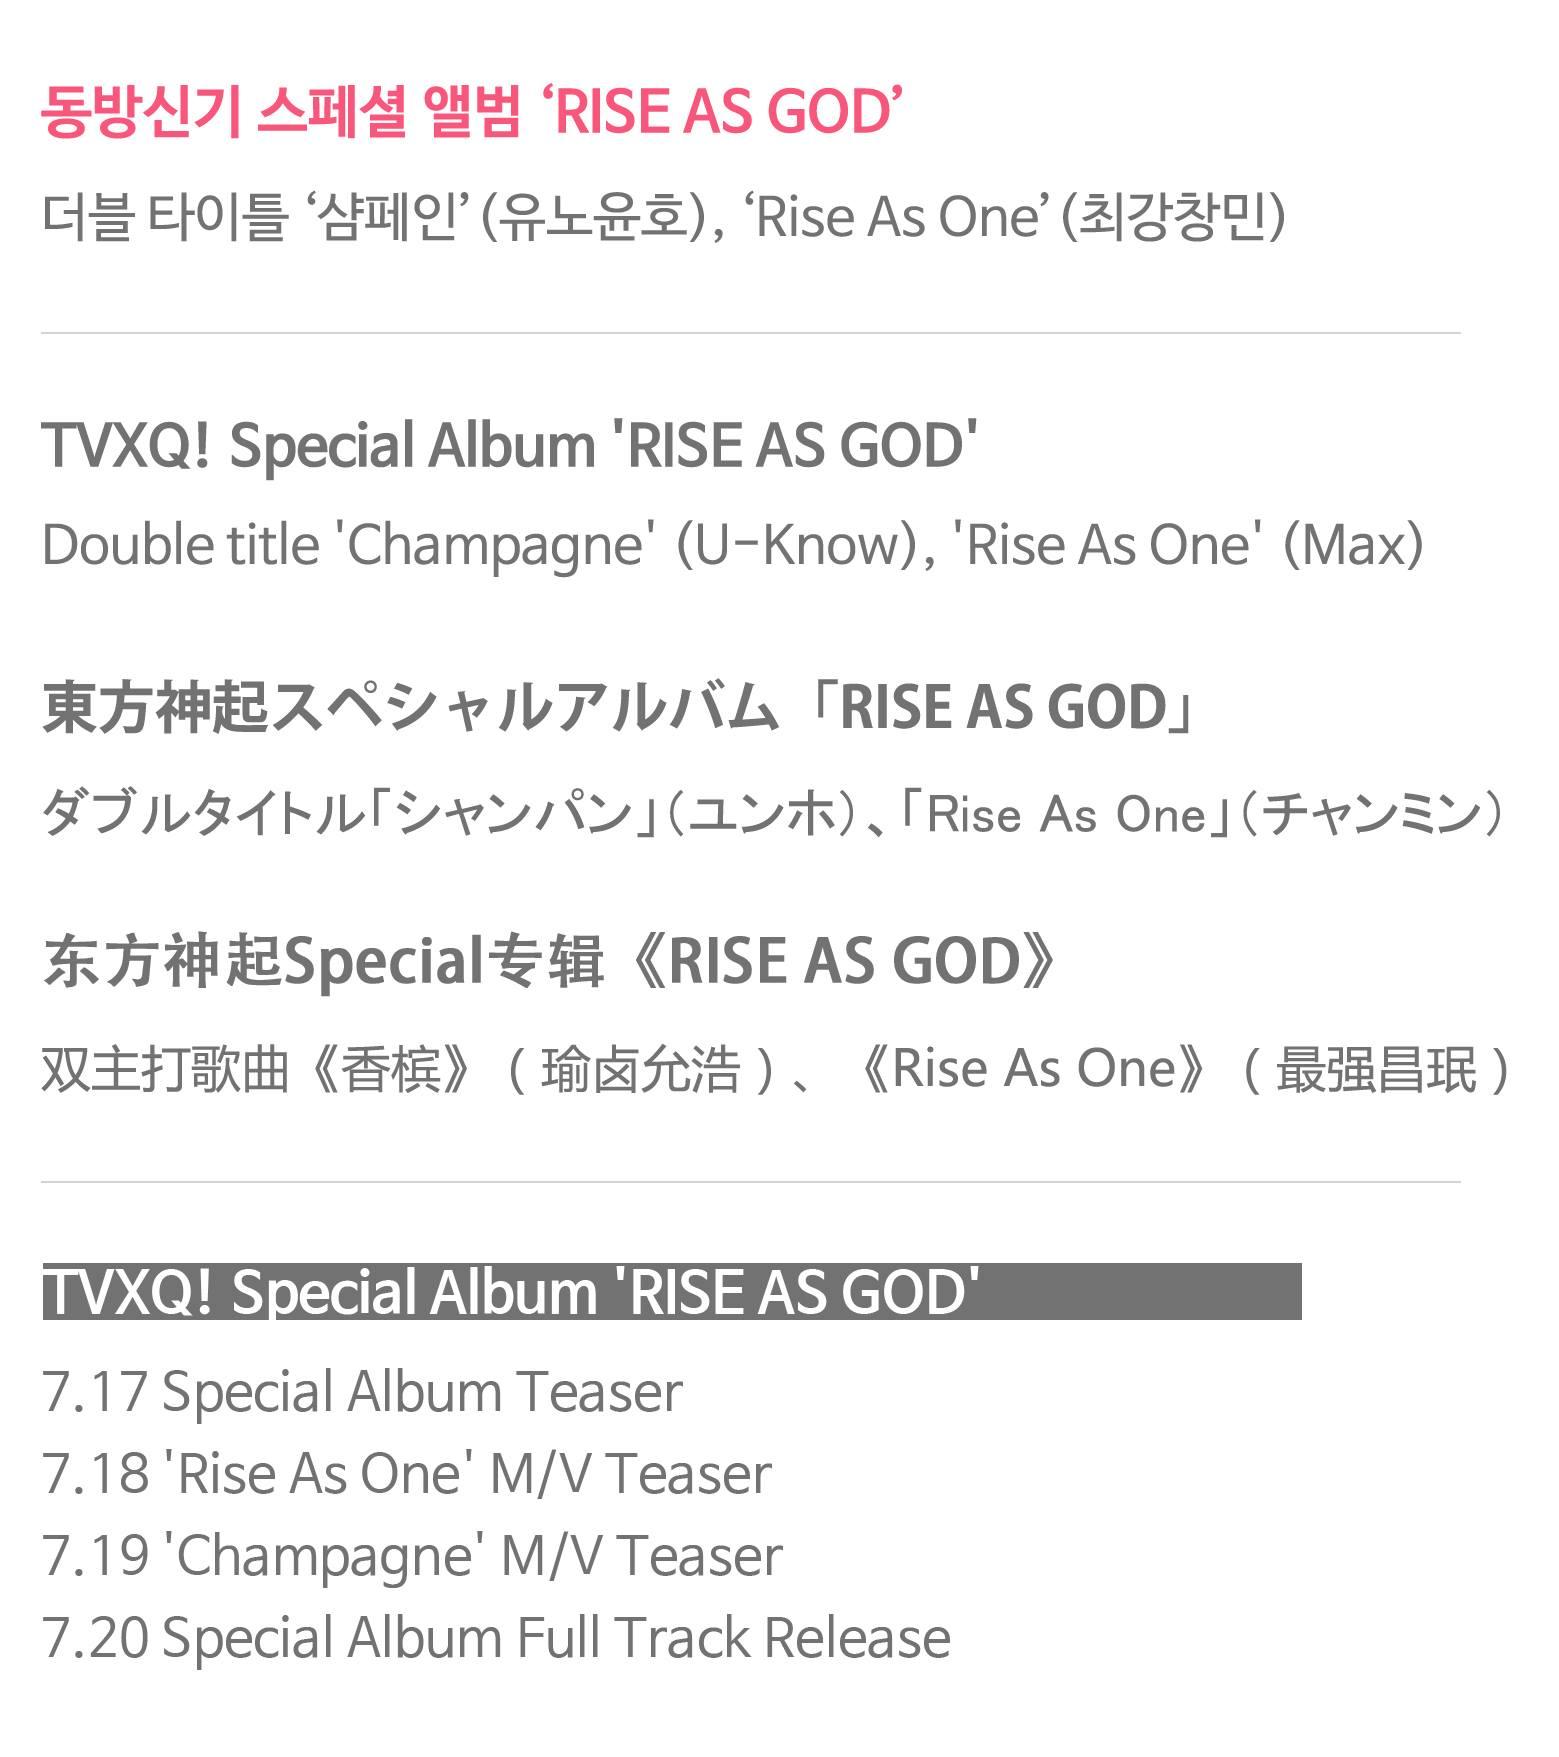 TVXQ schedule